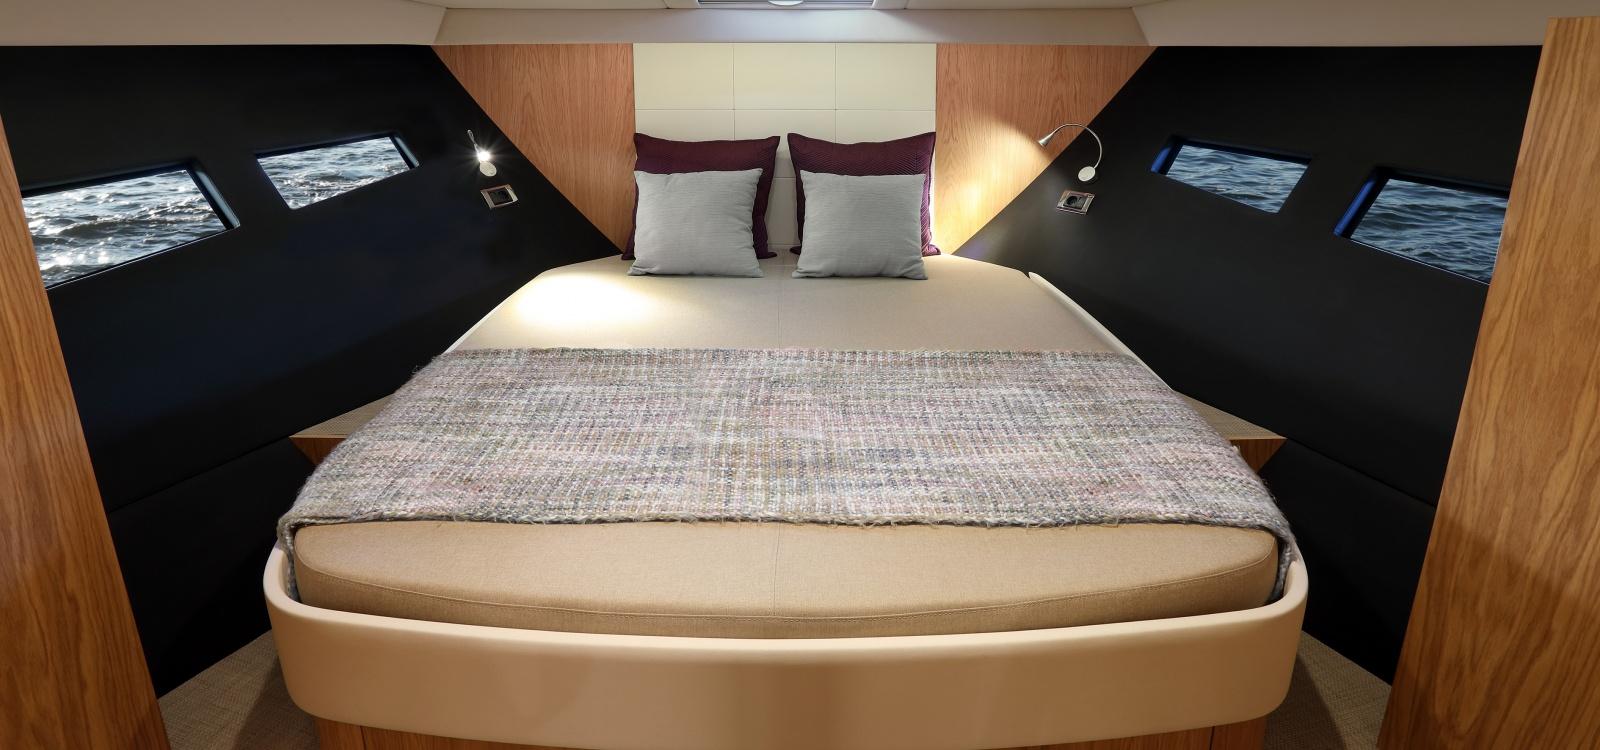 El Masnou,Barcelona,España,3 Habitaciones Habitaciones,2 LavabosLavabos,Barco a motor,2108